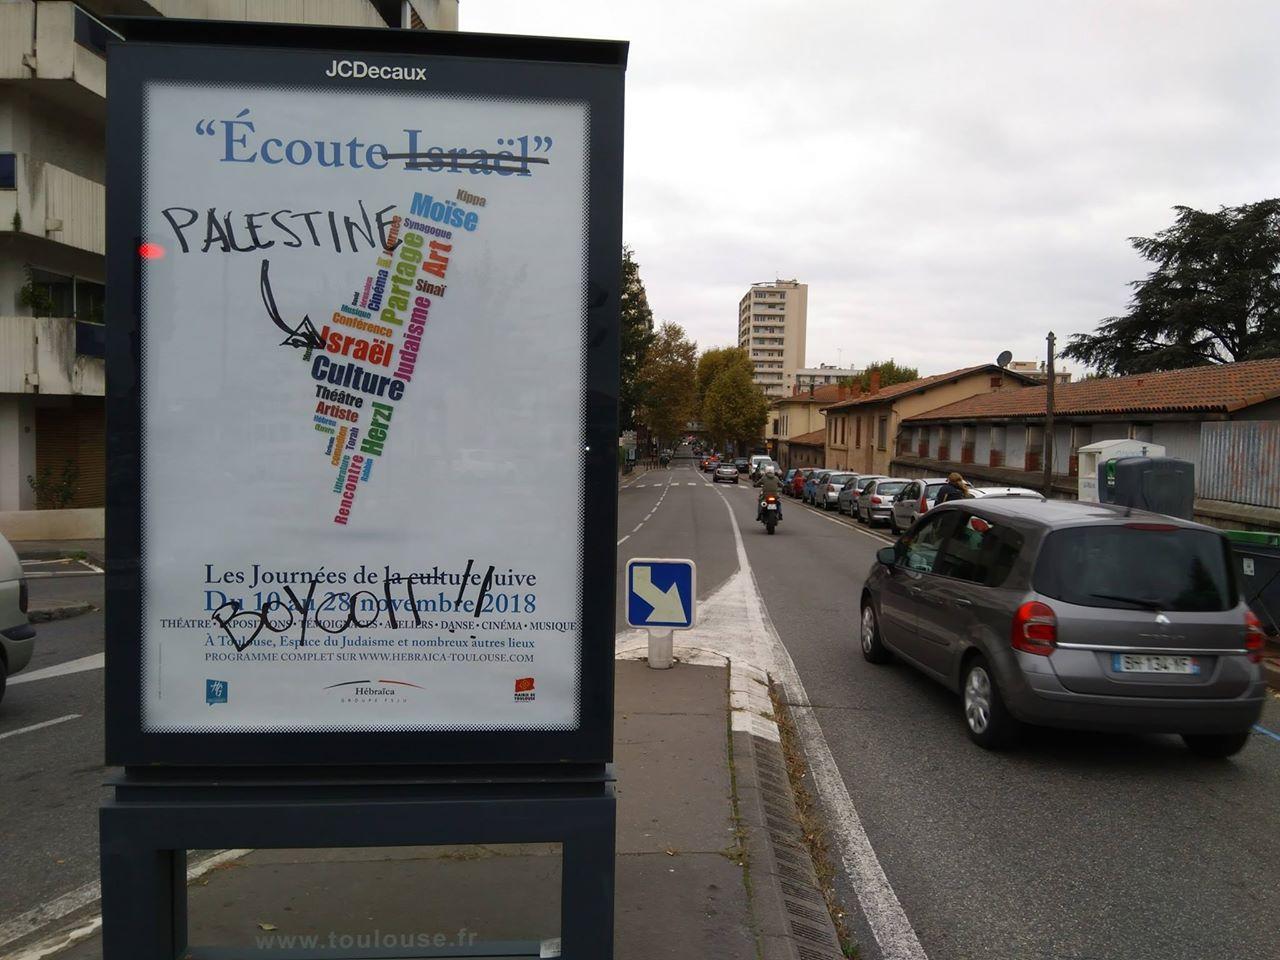 arre_t_de_bus_pub_israel_toulouse.jpg